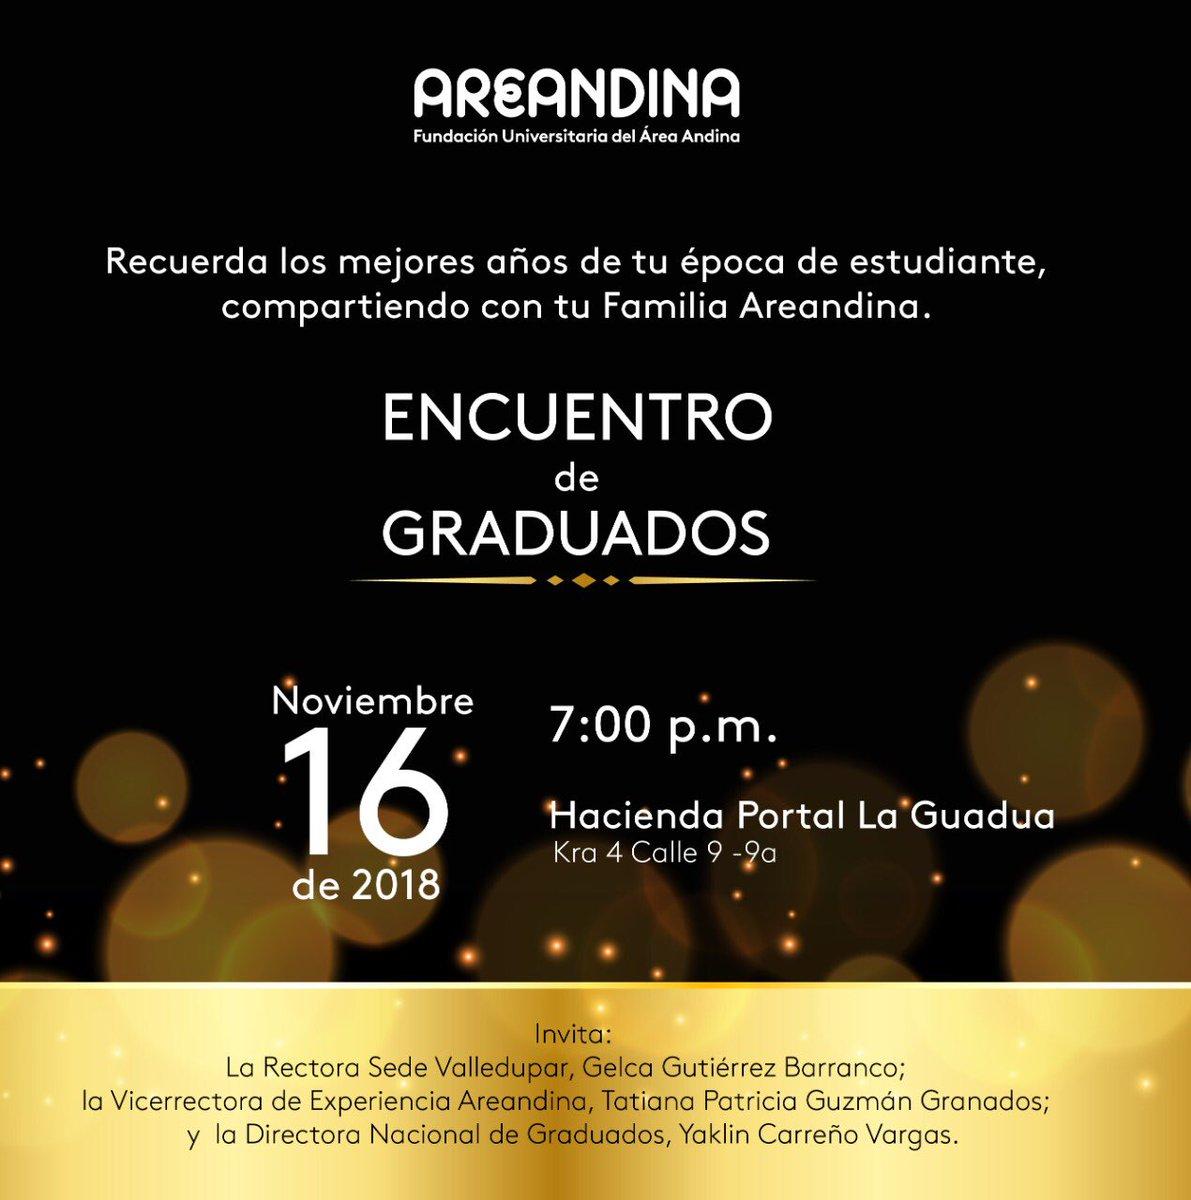 Esta es la noche de nuestros graduados @Areandina Ya casi nos vemos!!! @Vargasyaklin @RiYanelis @MelbaMieles @CarmenM16 @jvalenciamolano @JoseQuinteroV @GustavoBanderaG